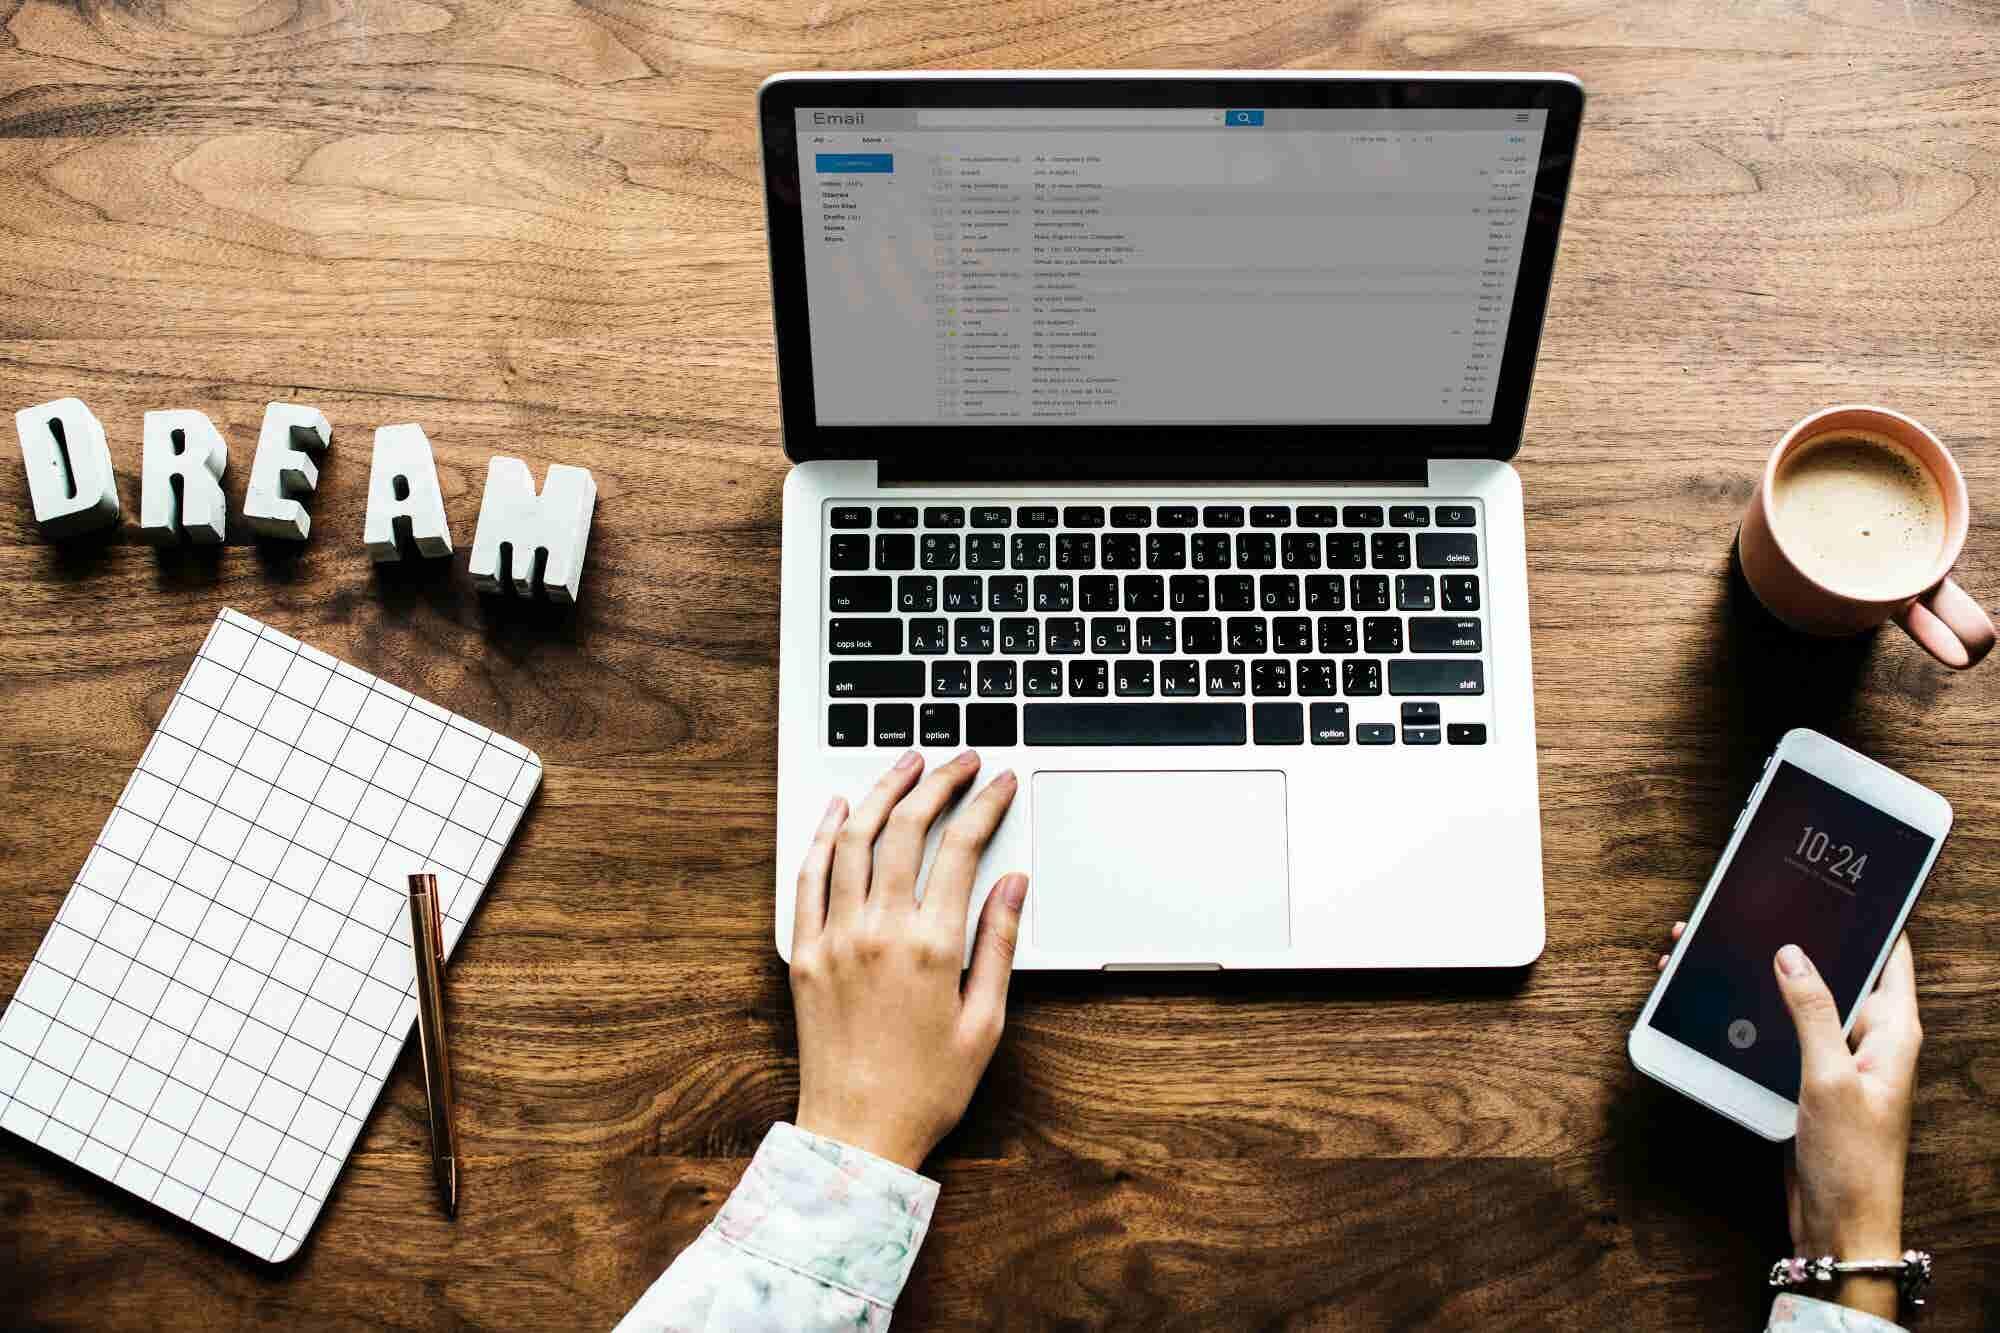 Idea de negocio de medio tiempo para una sola persona: Ser ghostwriter